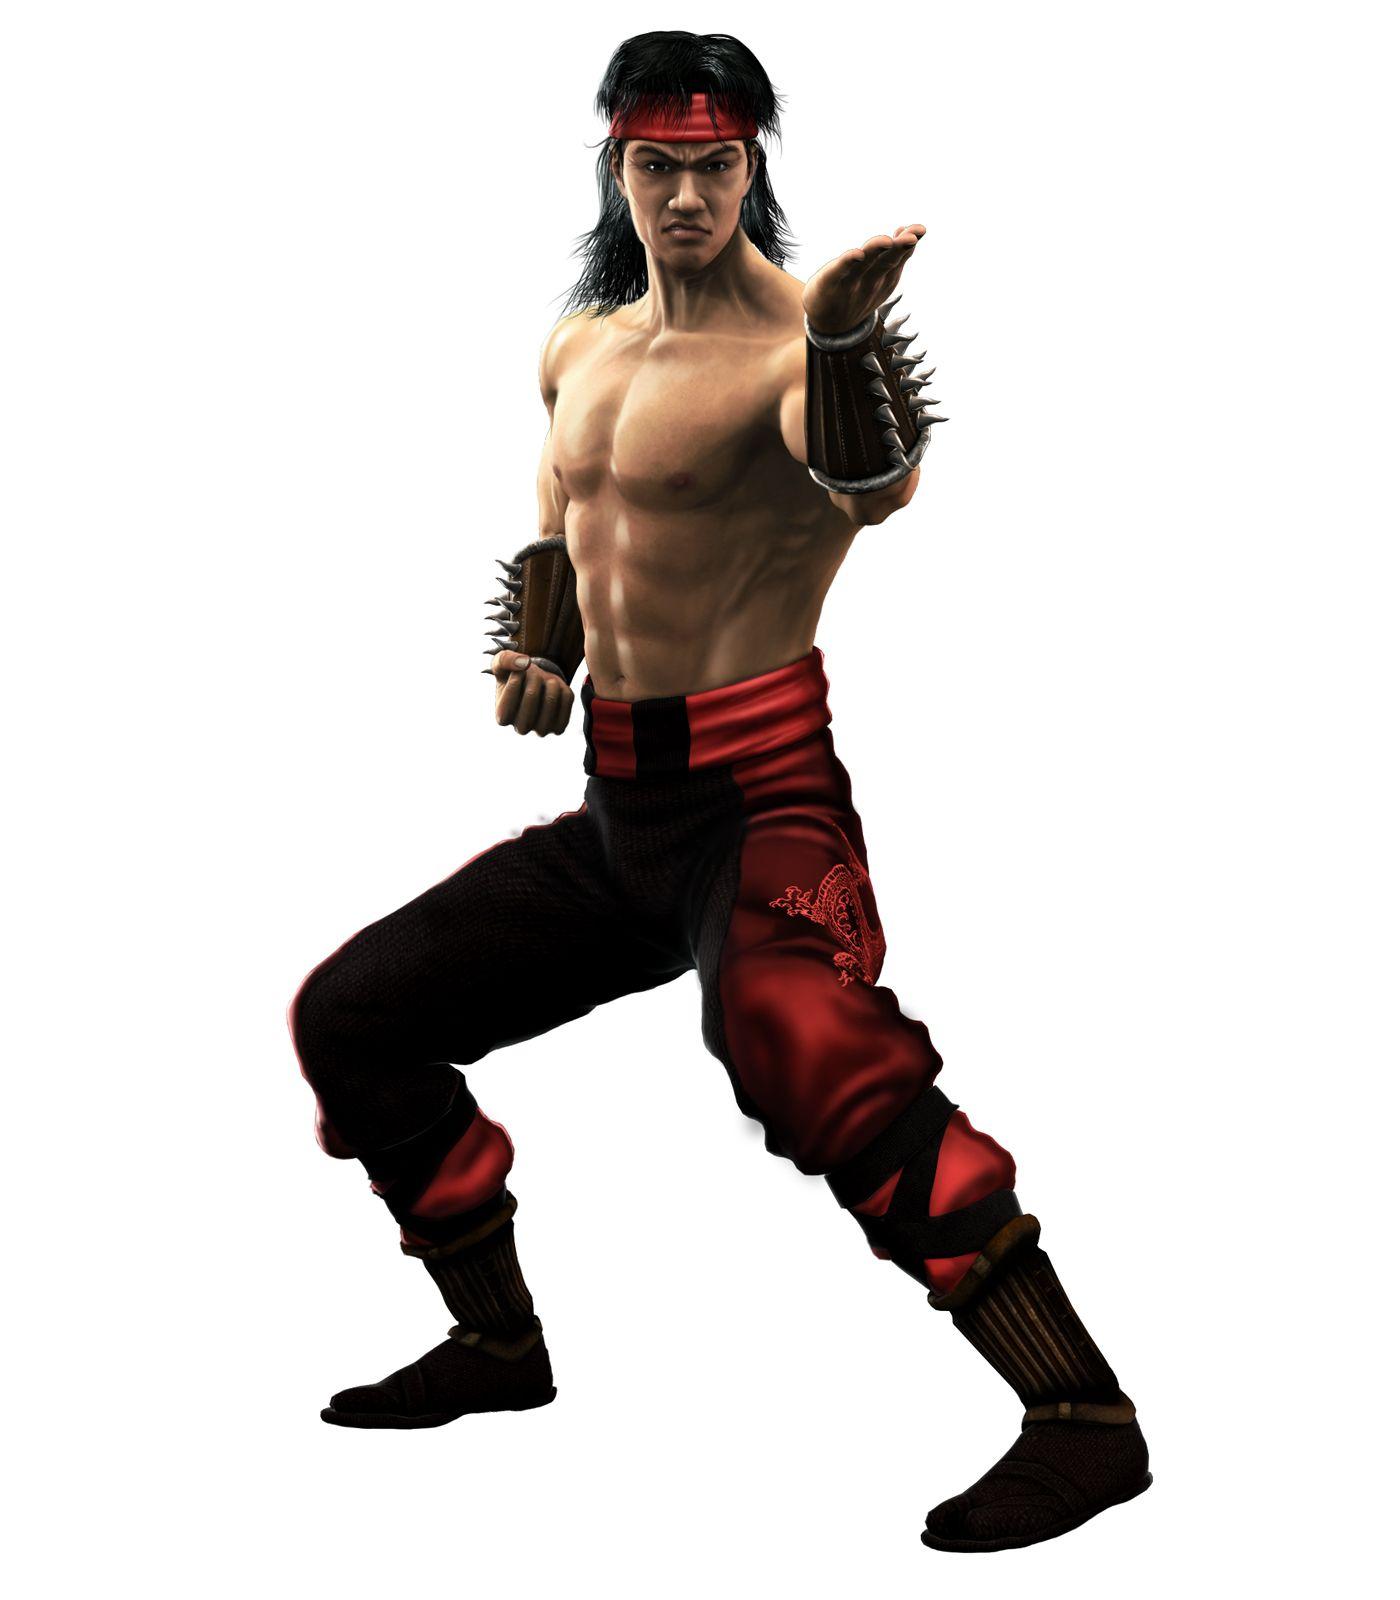 Mortal Kombat reboot casts Black Mirror and Supergirl stars as Liu Kang and Jax